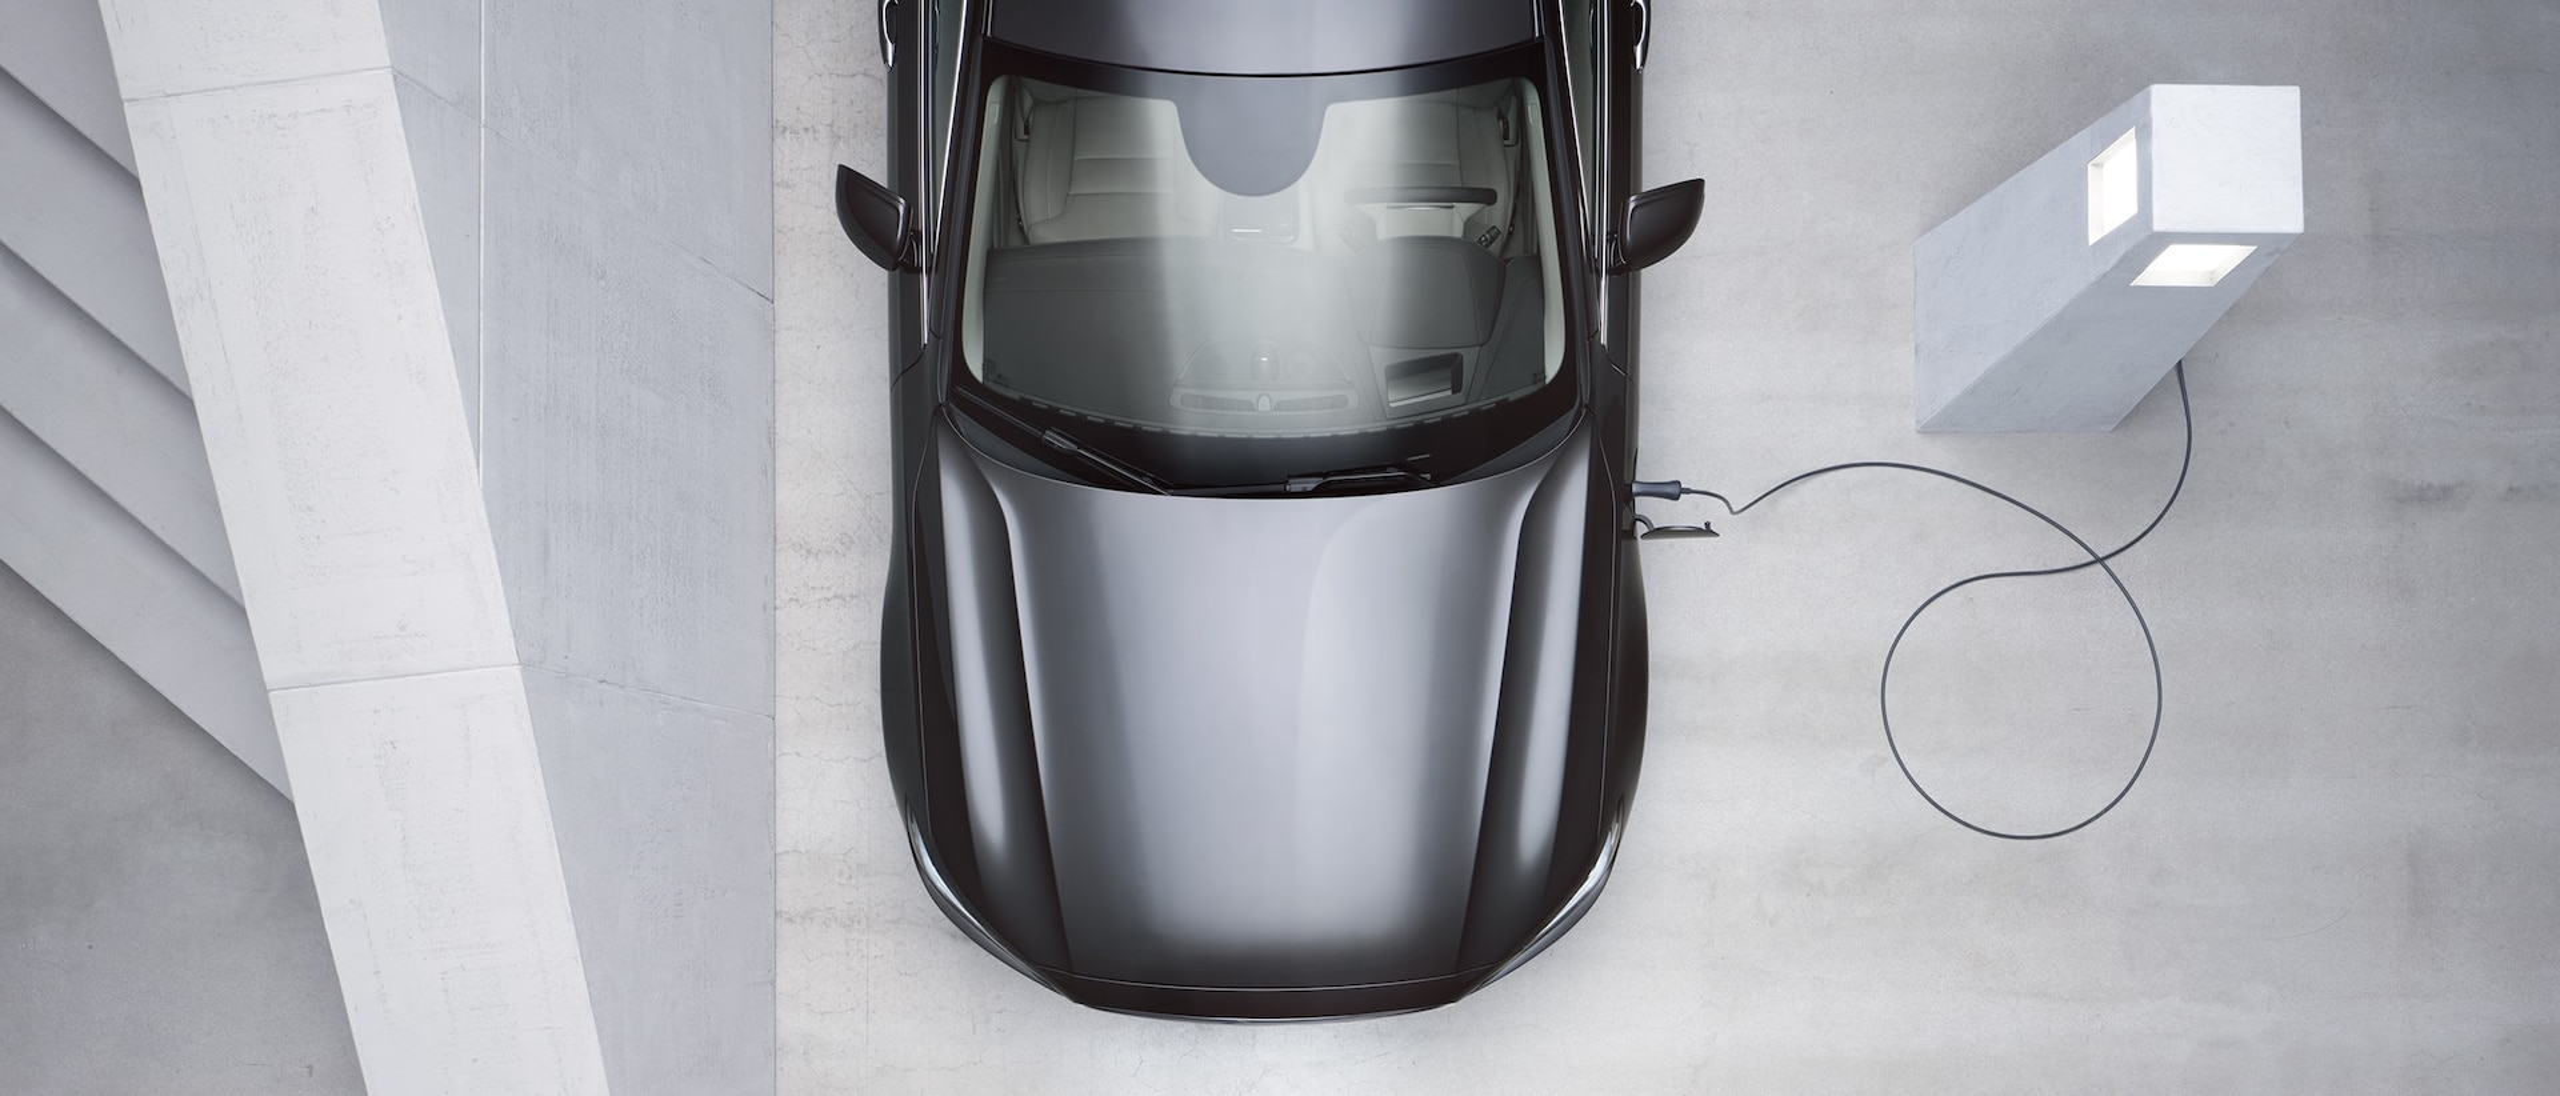 Egy szürke Volvo felülnézetből, a töltőállomáson töltés közben